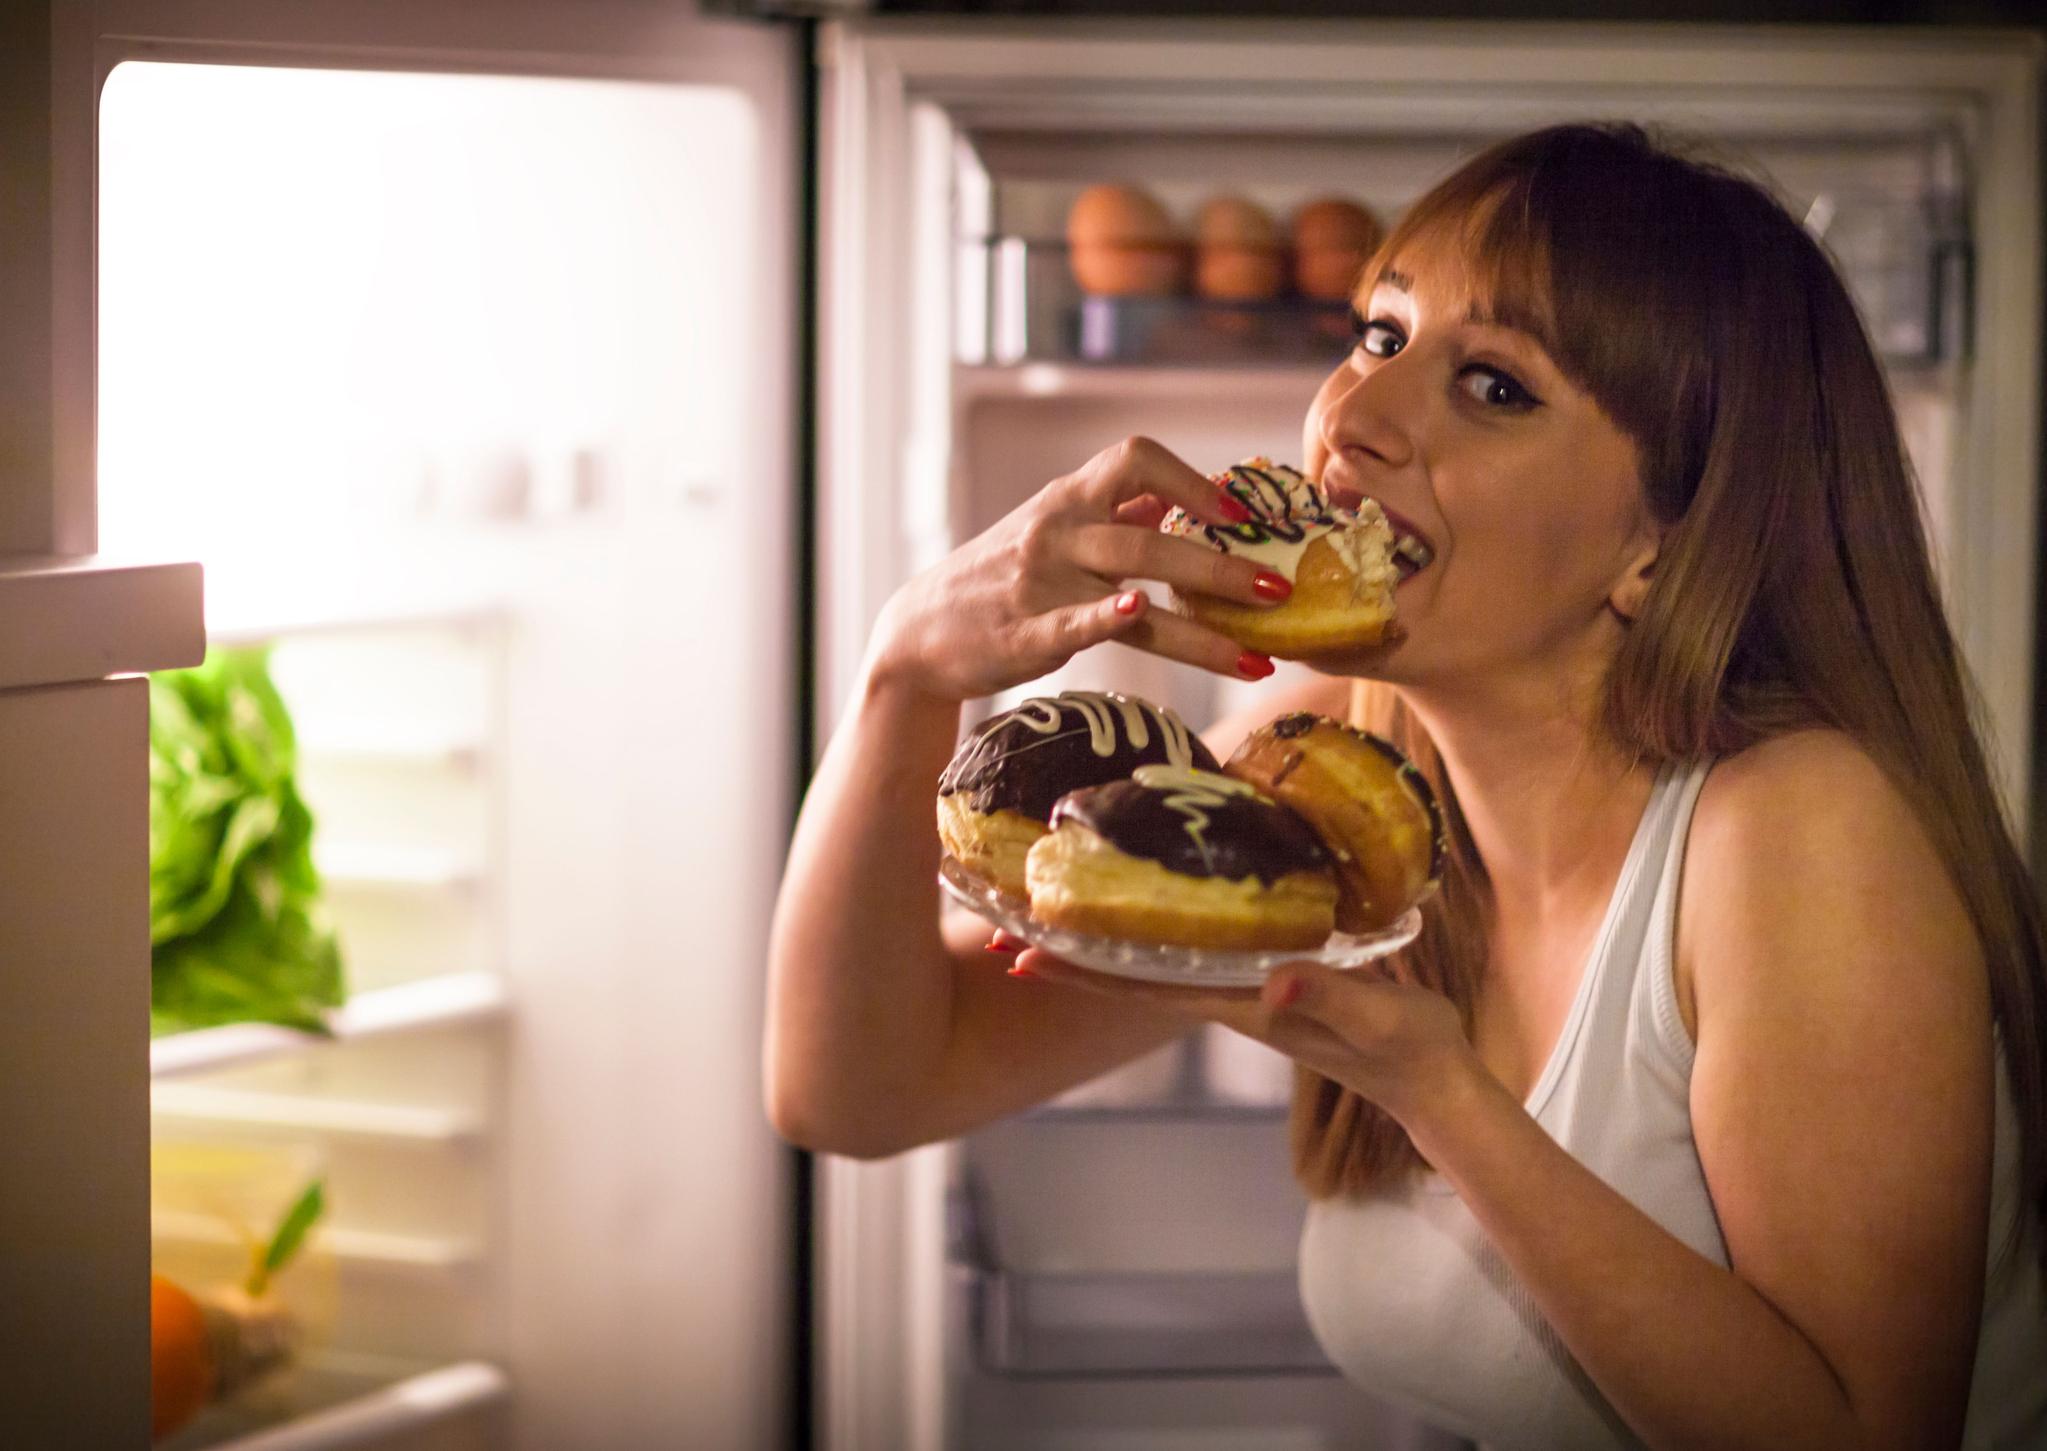 점점 줄어드는 식욕, 몸무게는 정체 중! 이를 돕기 위해 본격 메디컬 케어가 시작됐다.